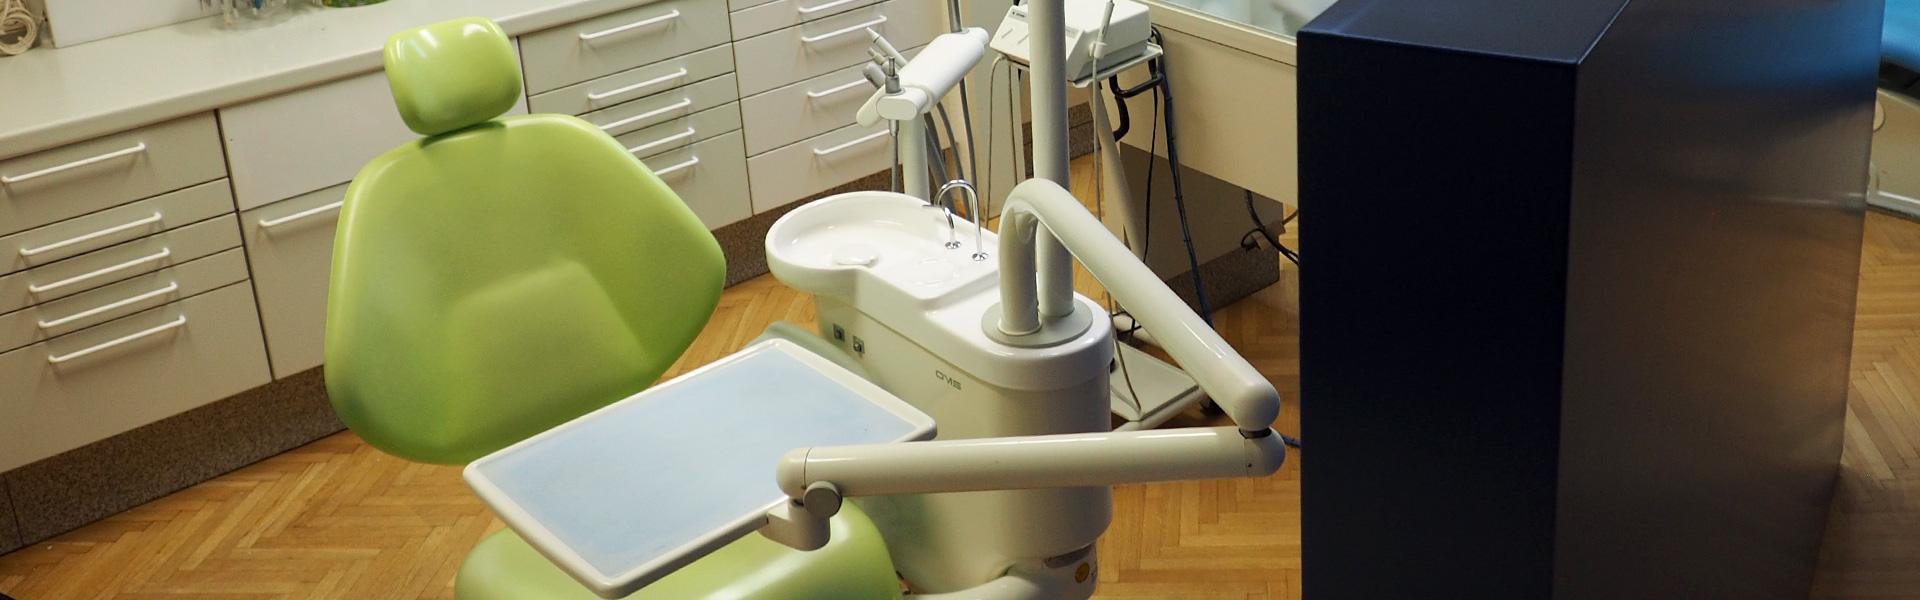 Zahnarztstuhl in Praxis Dr. Gusenleitner